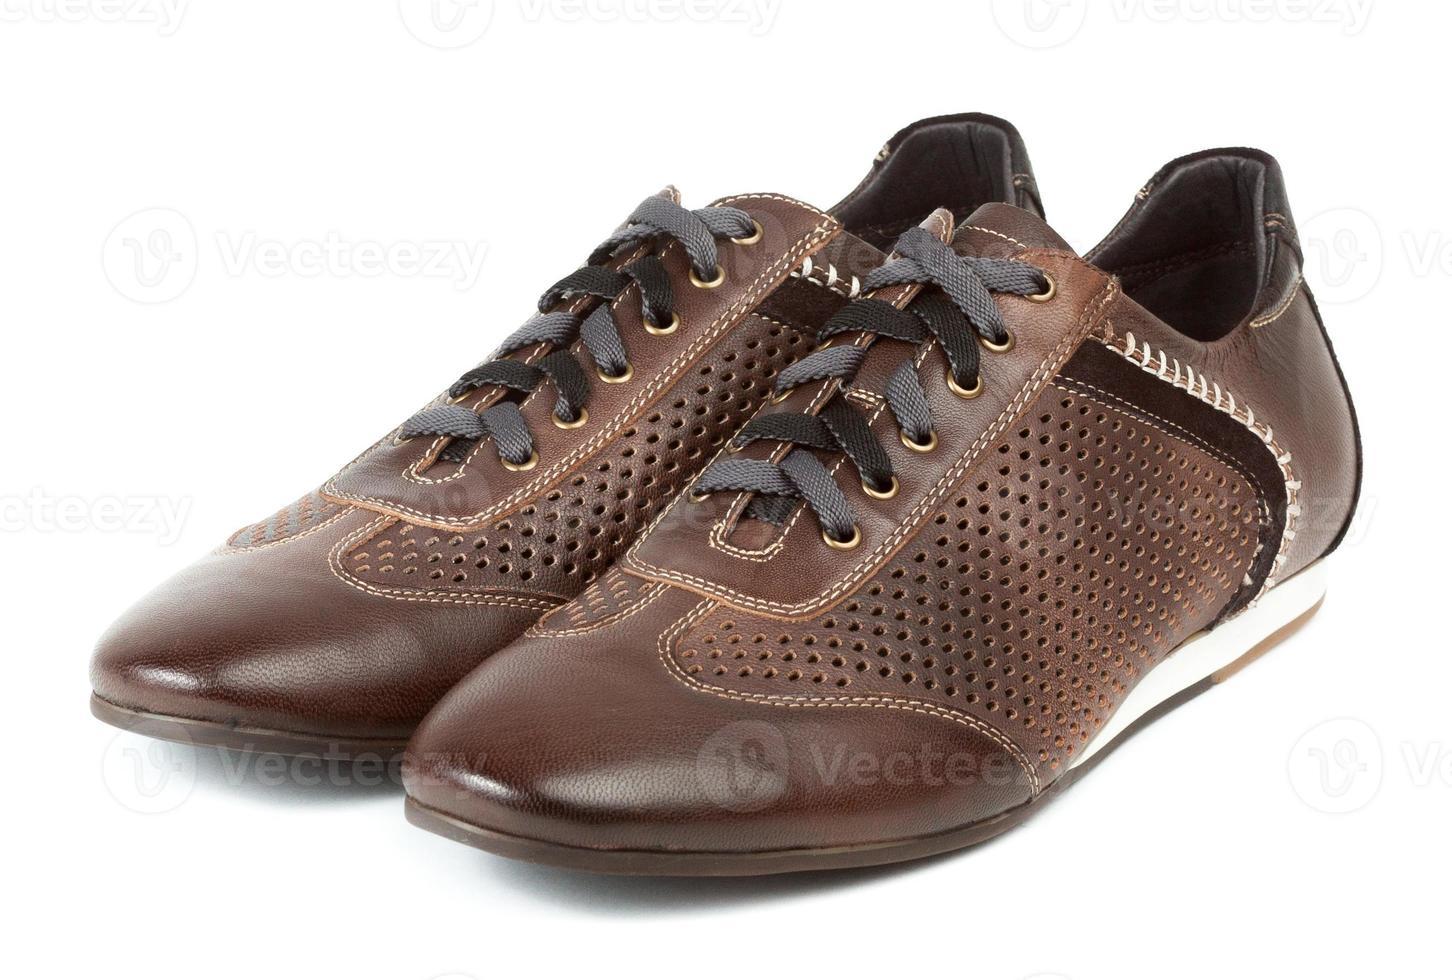 Paar braune bequeme Schuhe für Männer foto